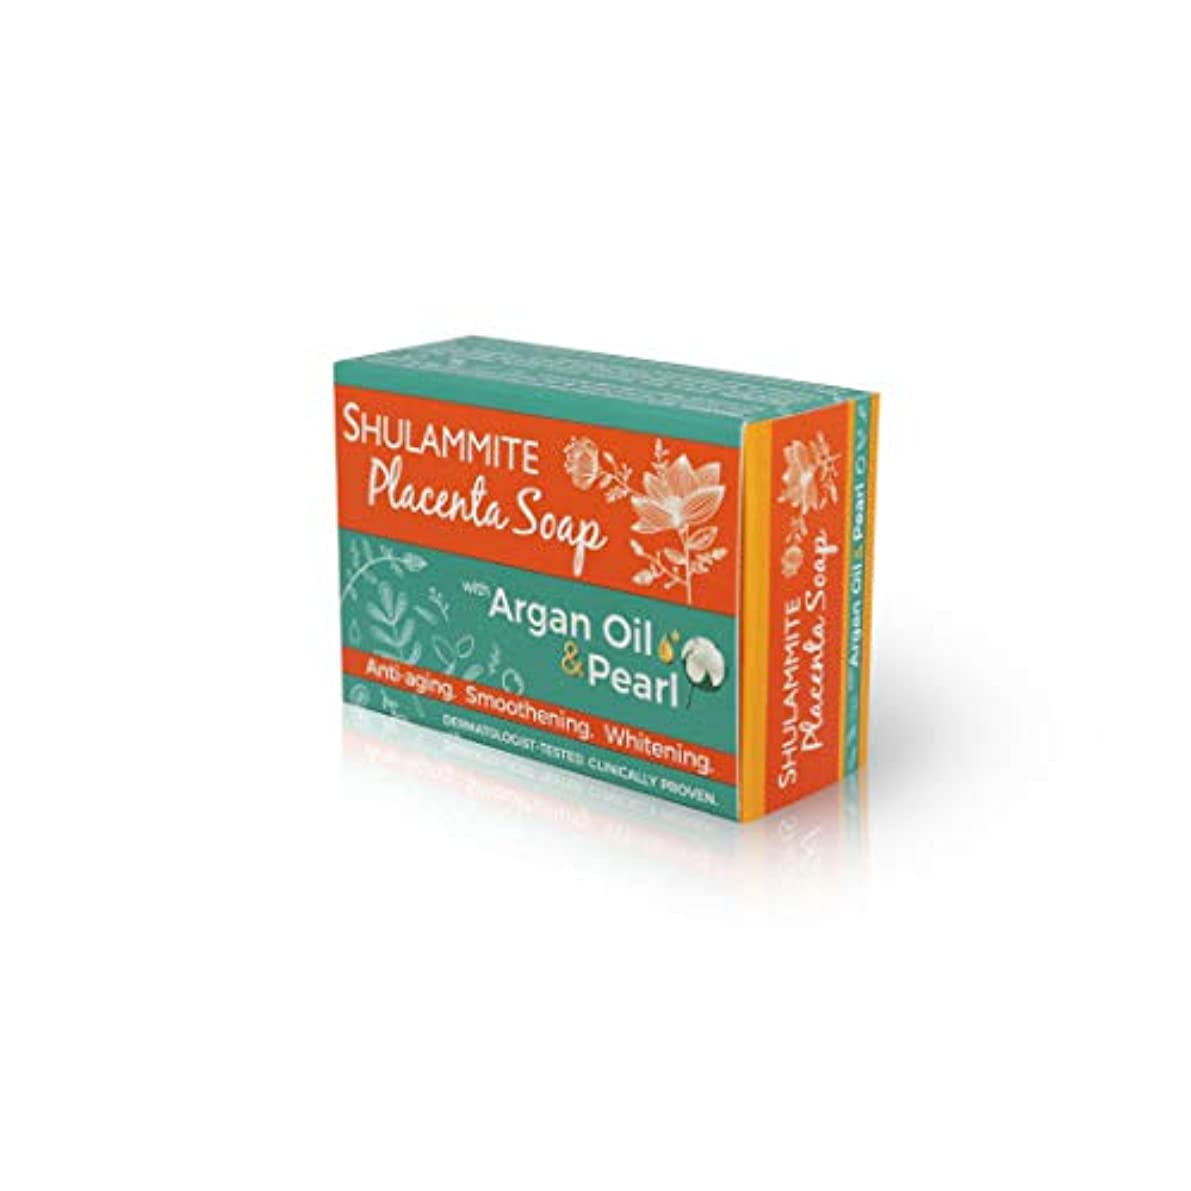 ネックレット野な野心SHULAMMITE Placenta Soap with Argan Oil & Pearl/アルガンオイル&パール配合ソープ150g